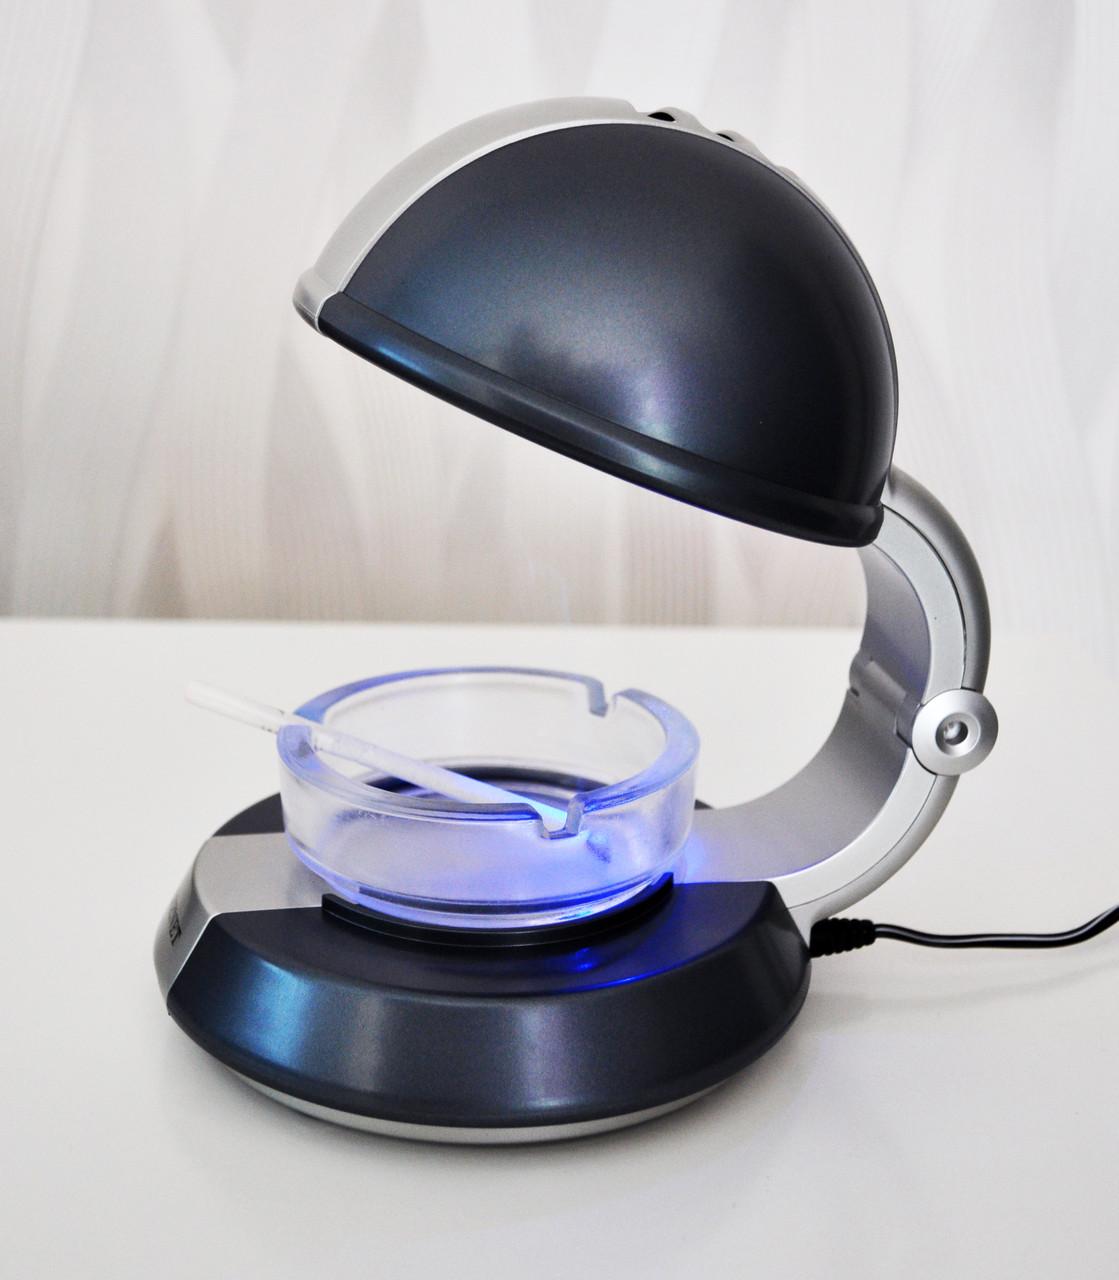 Ионный очиститель воздуха от табачного дыма с подсветкой ZENET XJ-888 Черный (hub_QaYX54600)